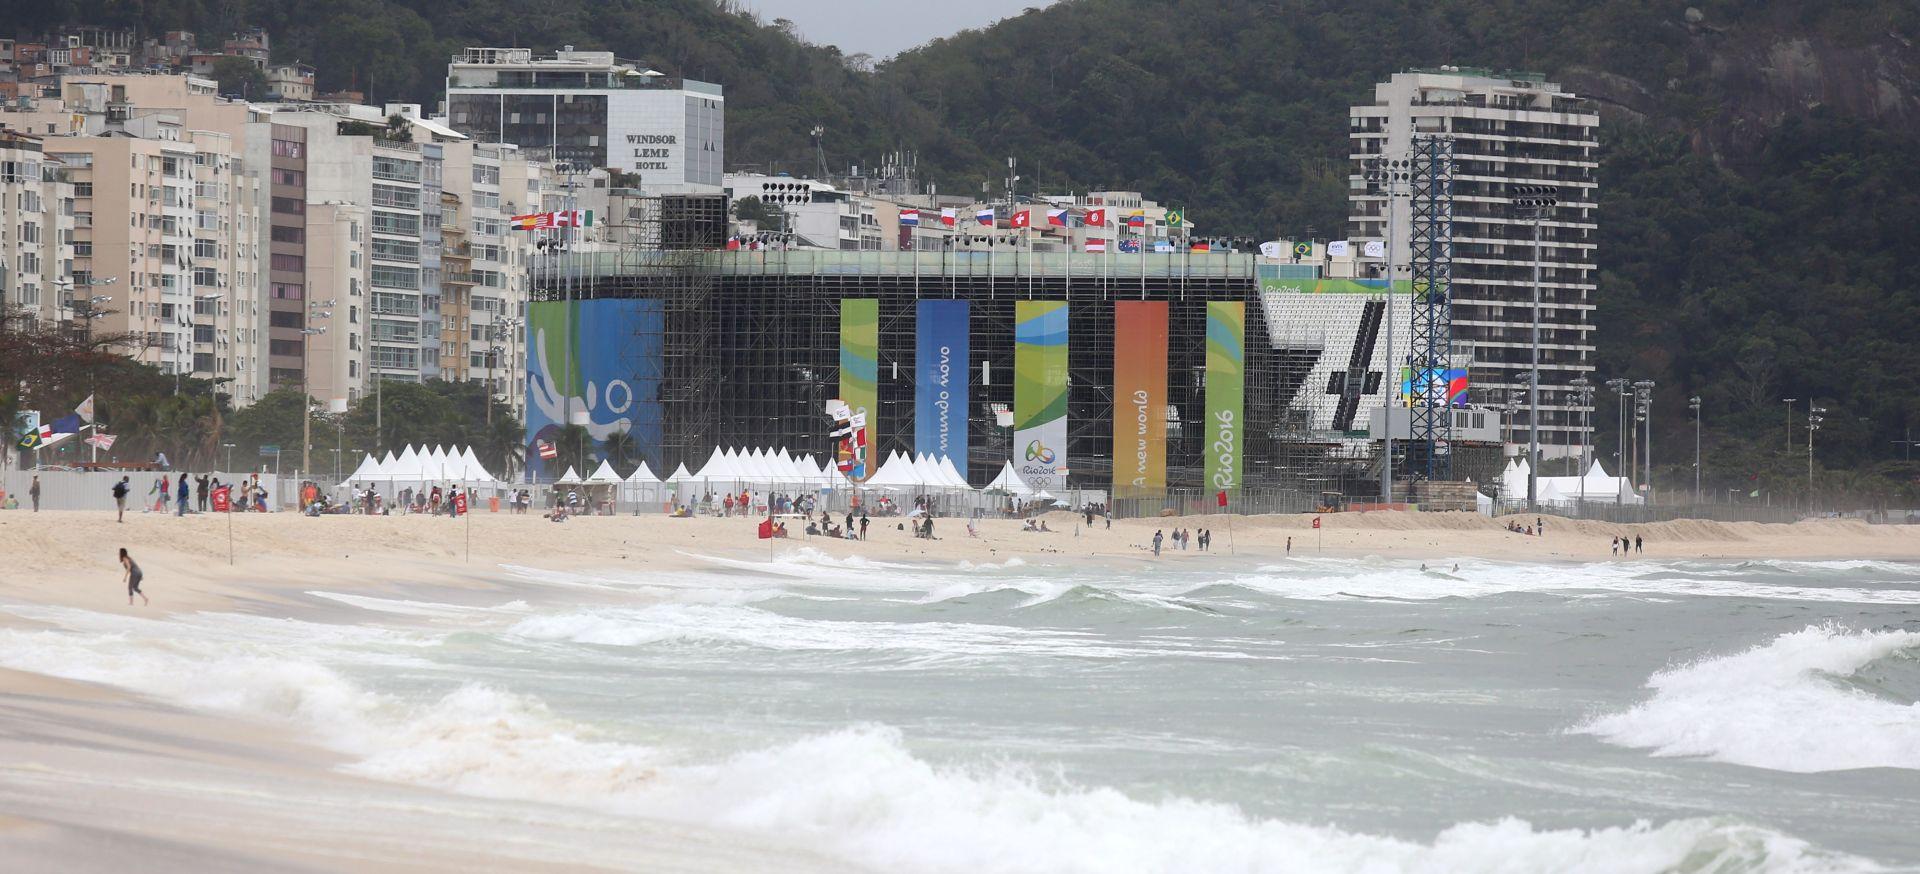 OI RIO Rusiju će na Olimpijadi predstavljati 270 sportaša